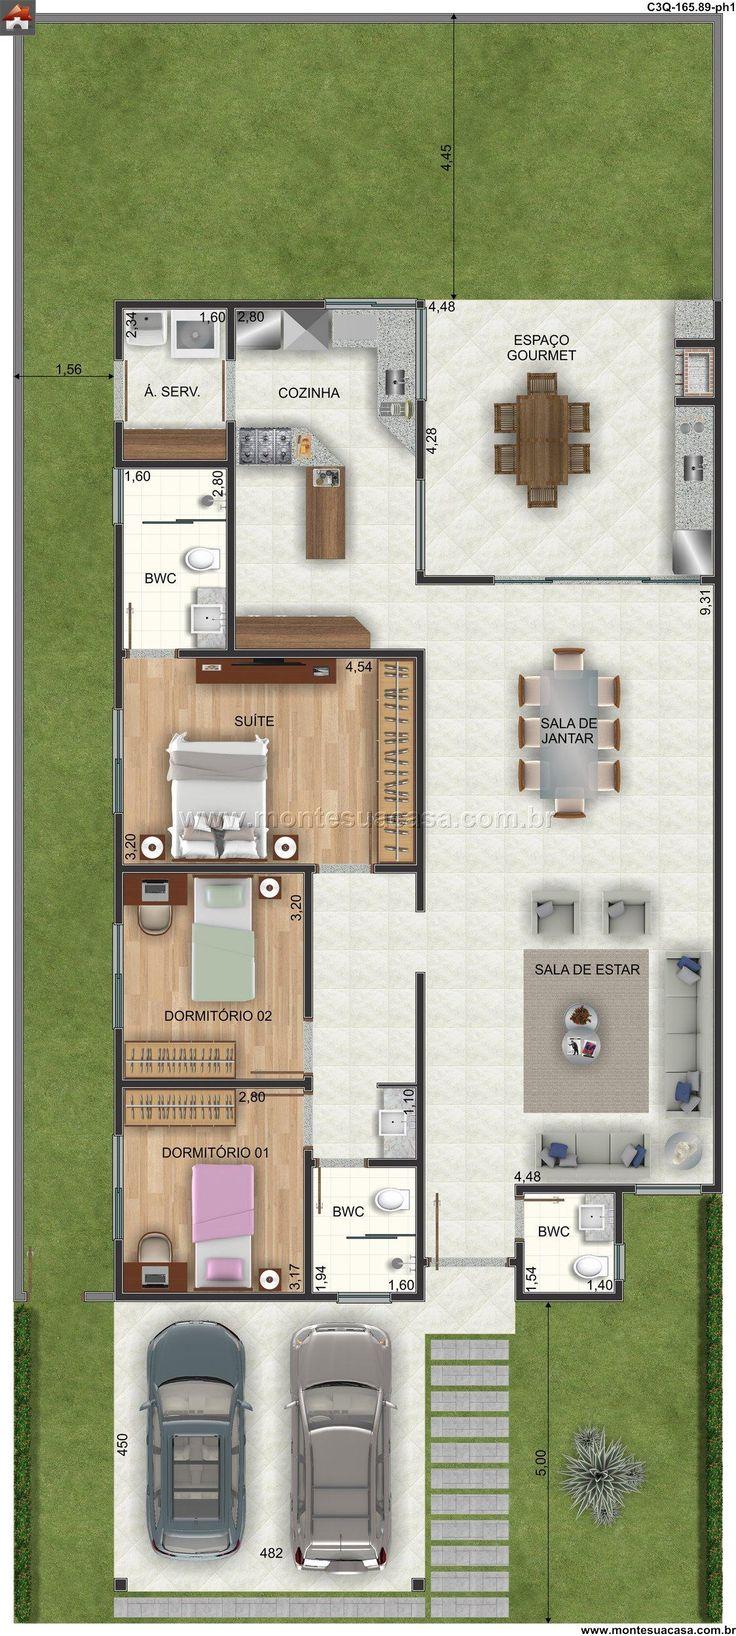 Casa 2 Quartos - 165.89m²